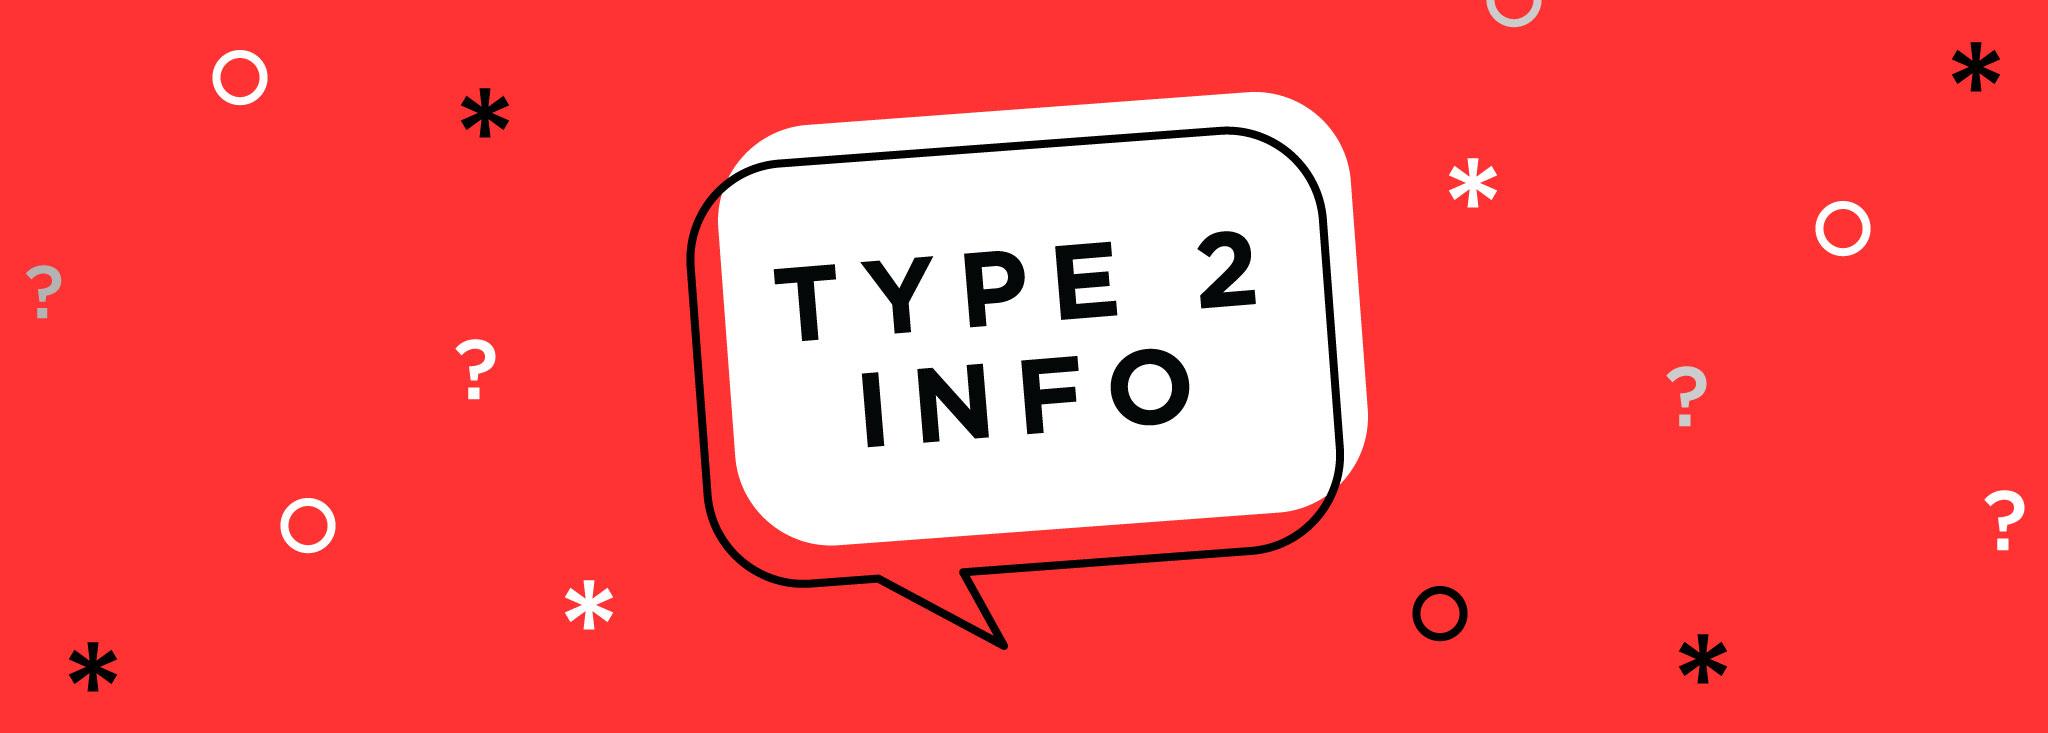 टाइप 2 डायबिटीज